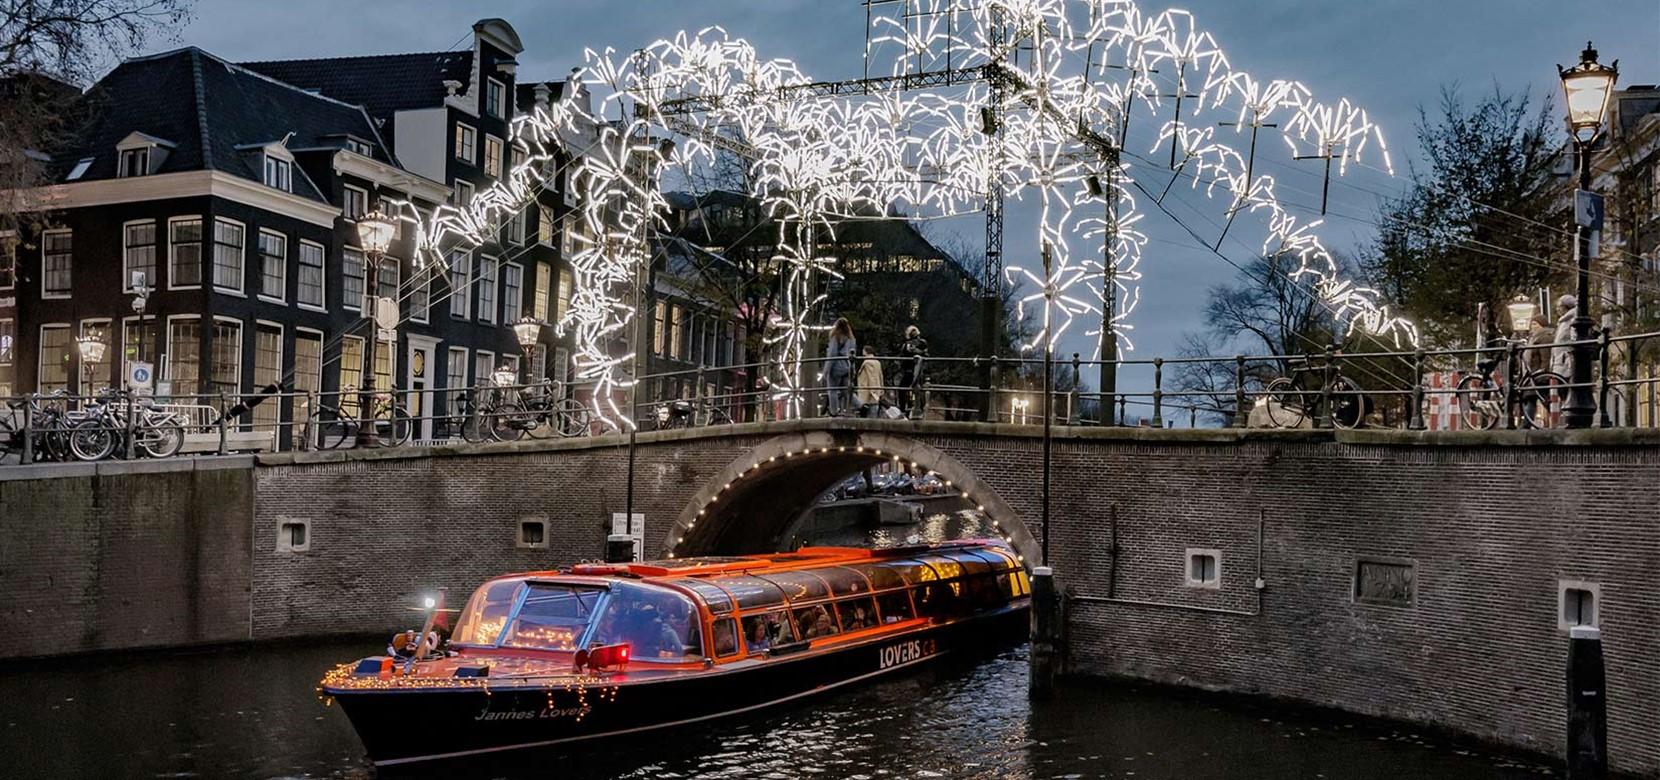 Amsterdam Light Festival Rondvaart Tours Amp Tickets